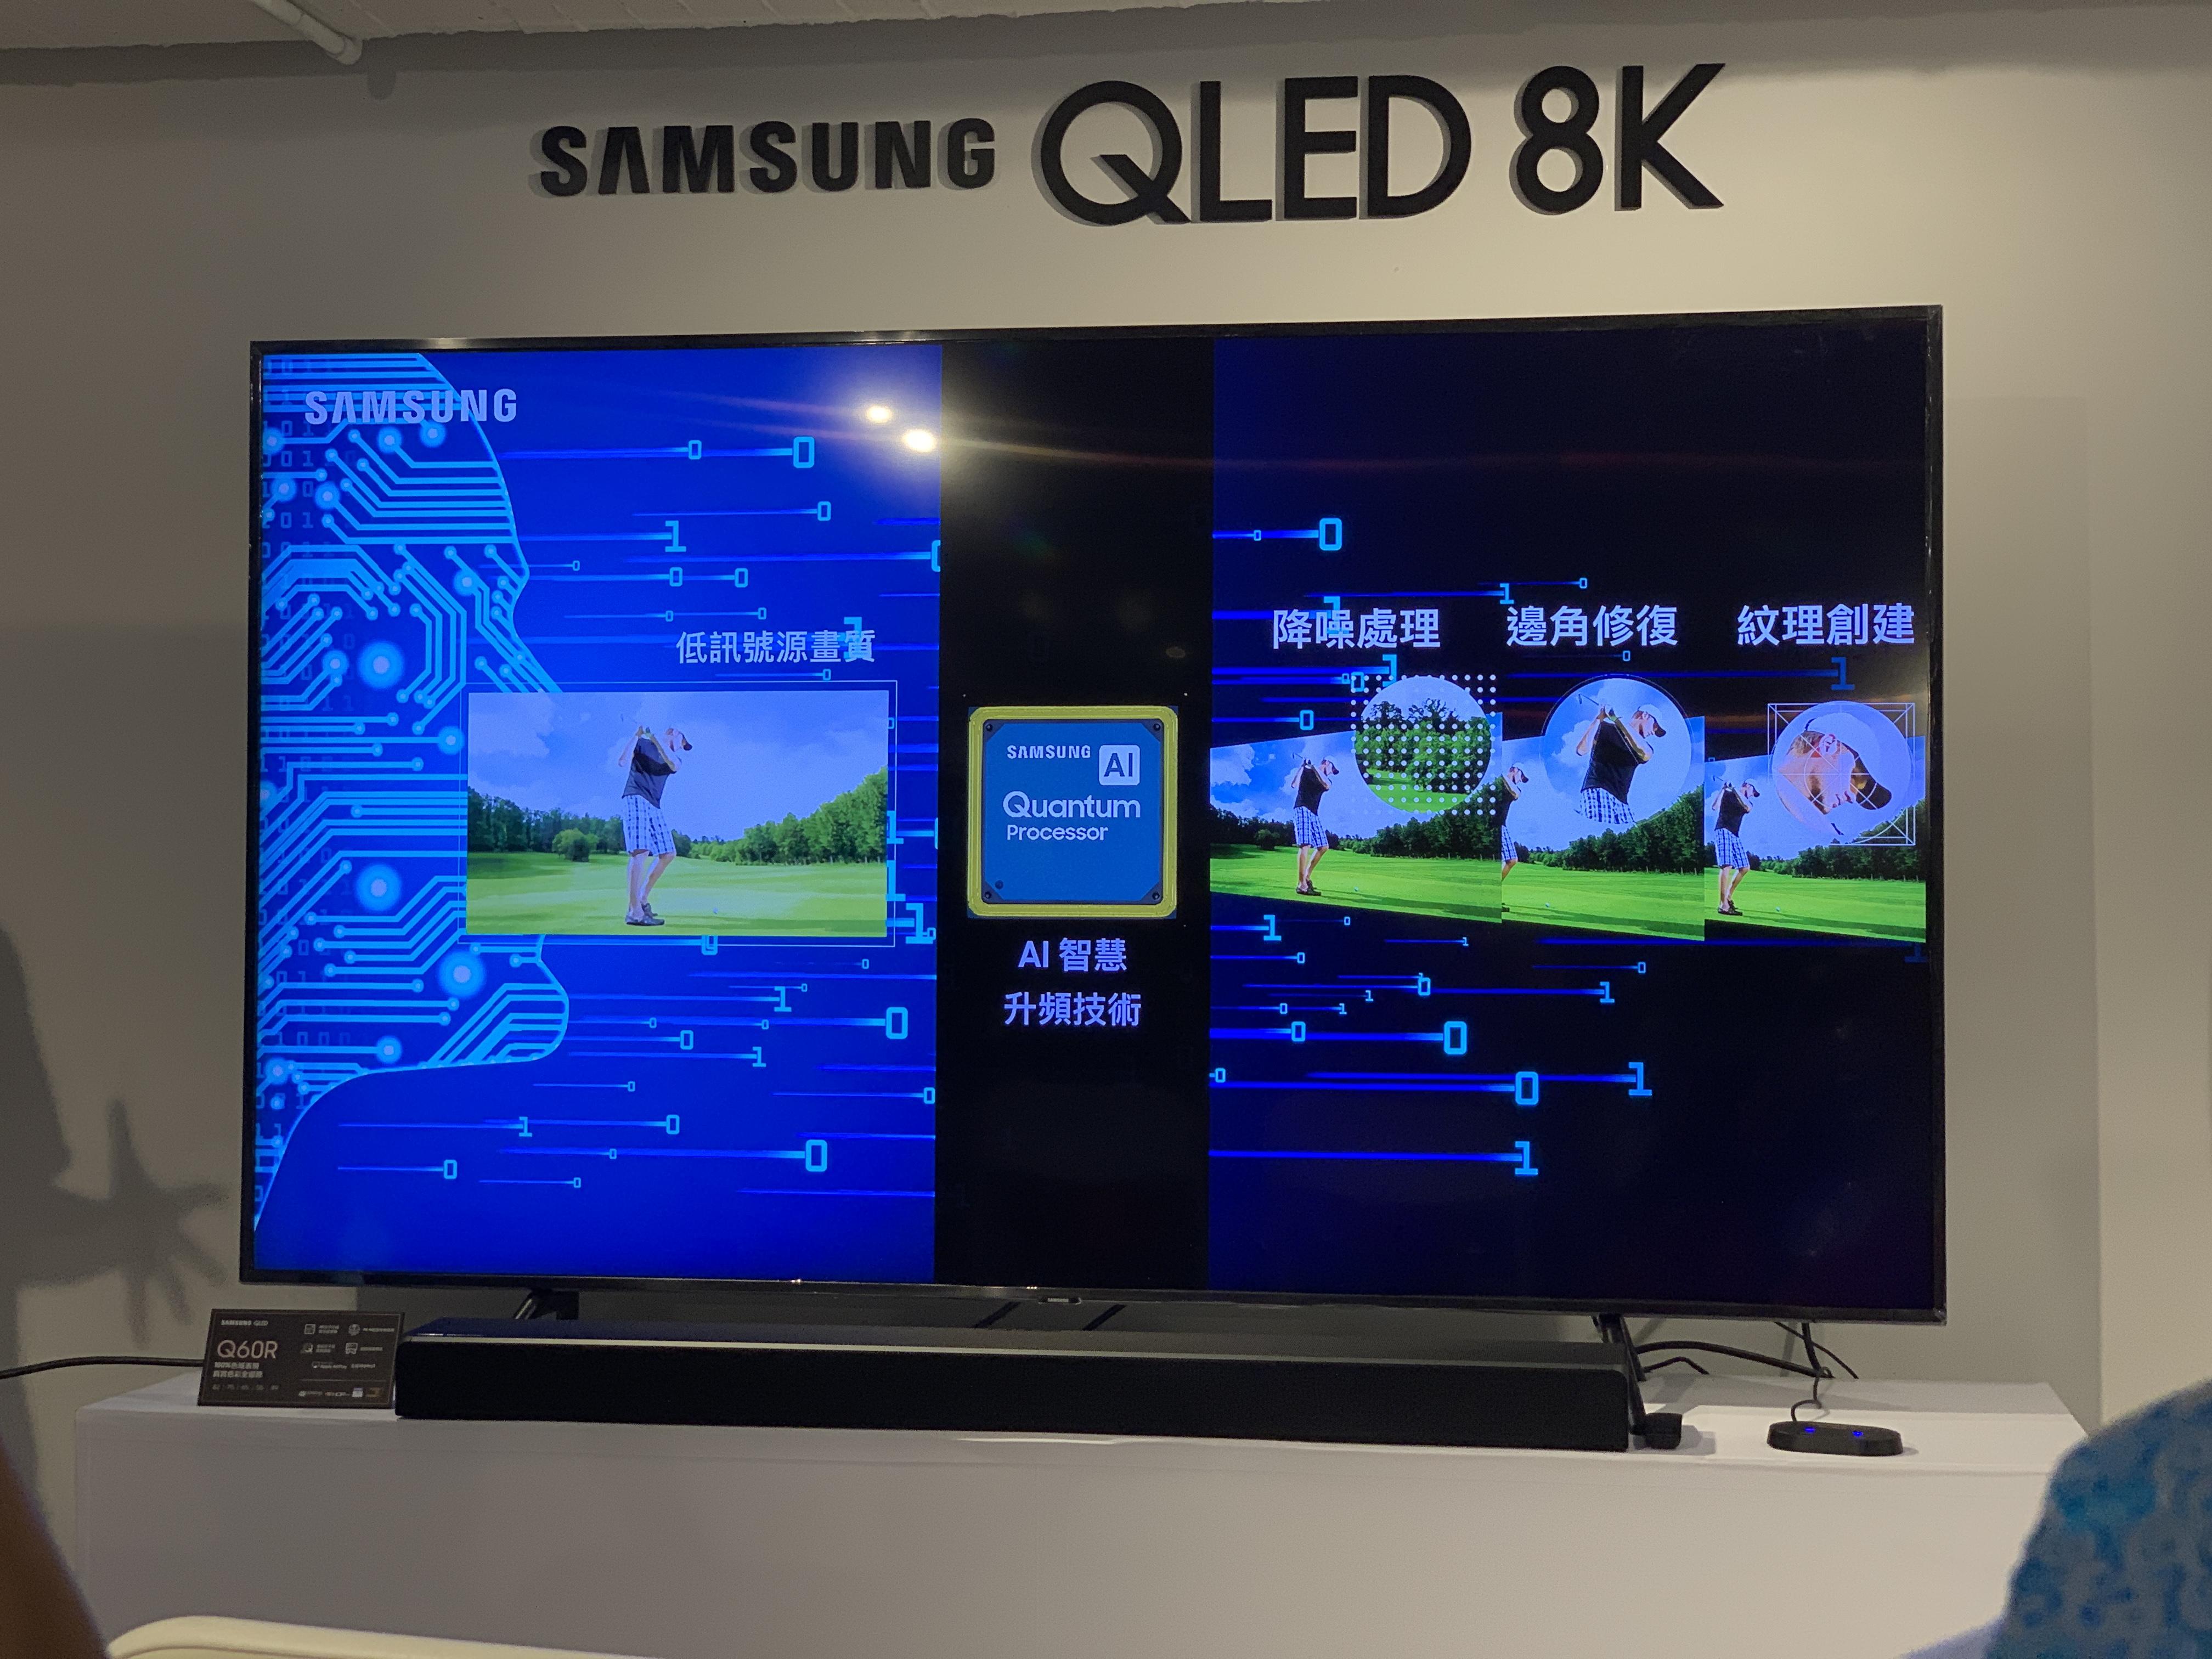 QLED 8K 降造處理 邊角修復 紋理創建